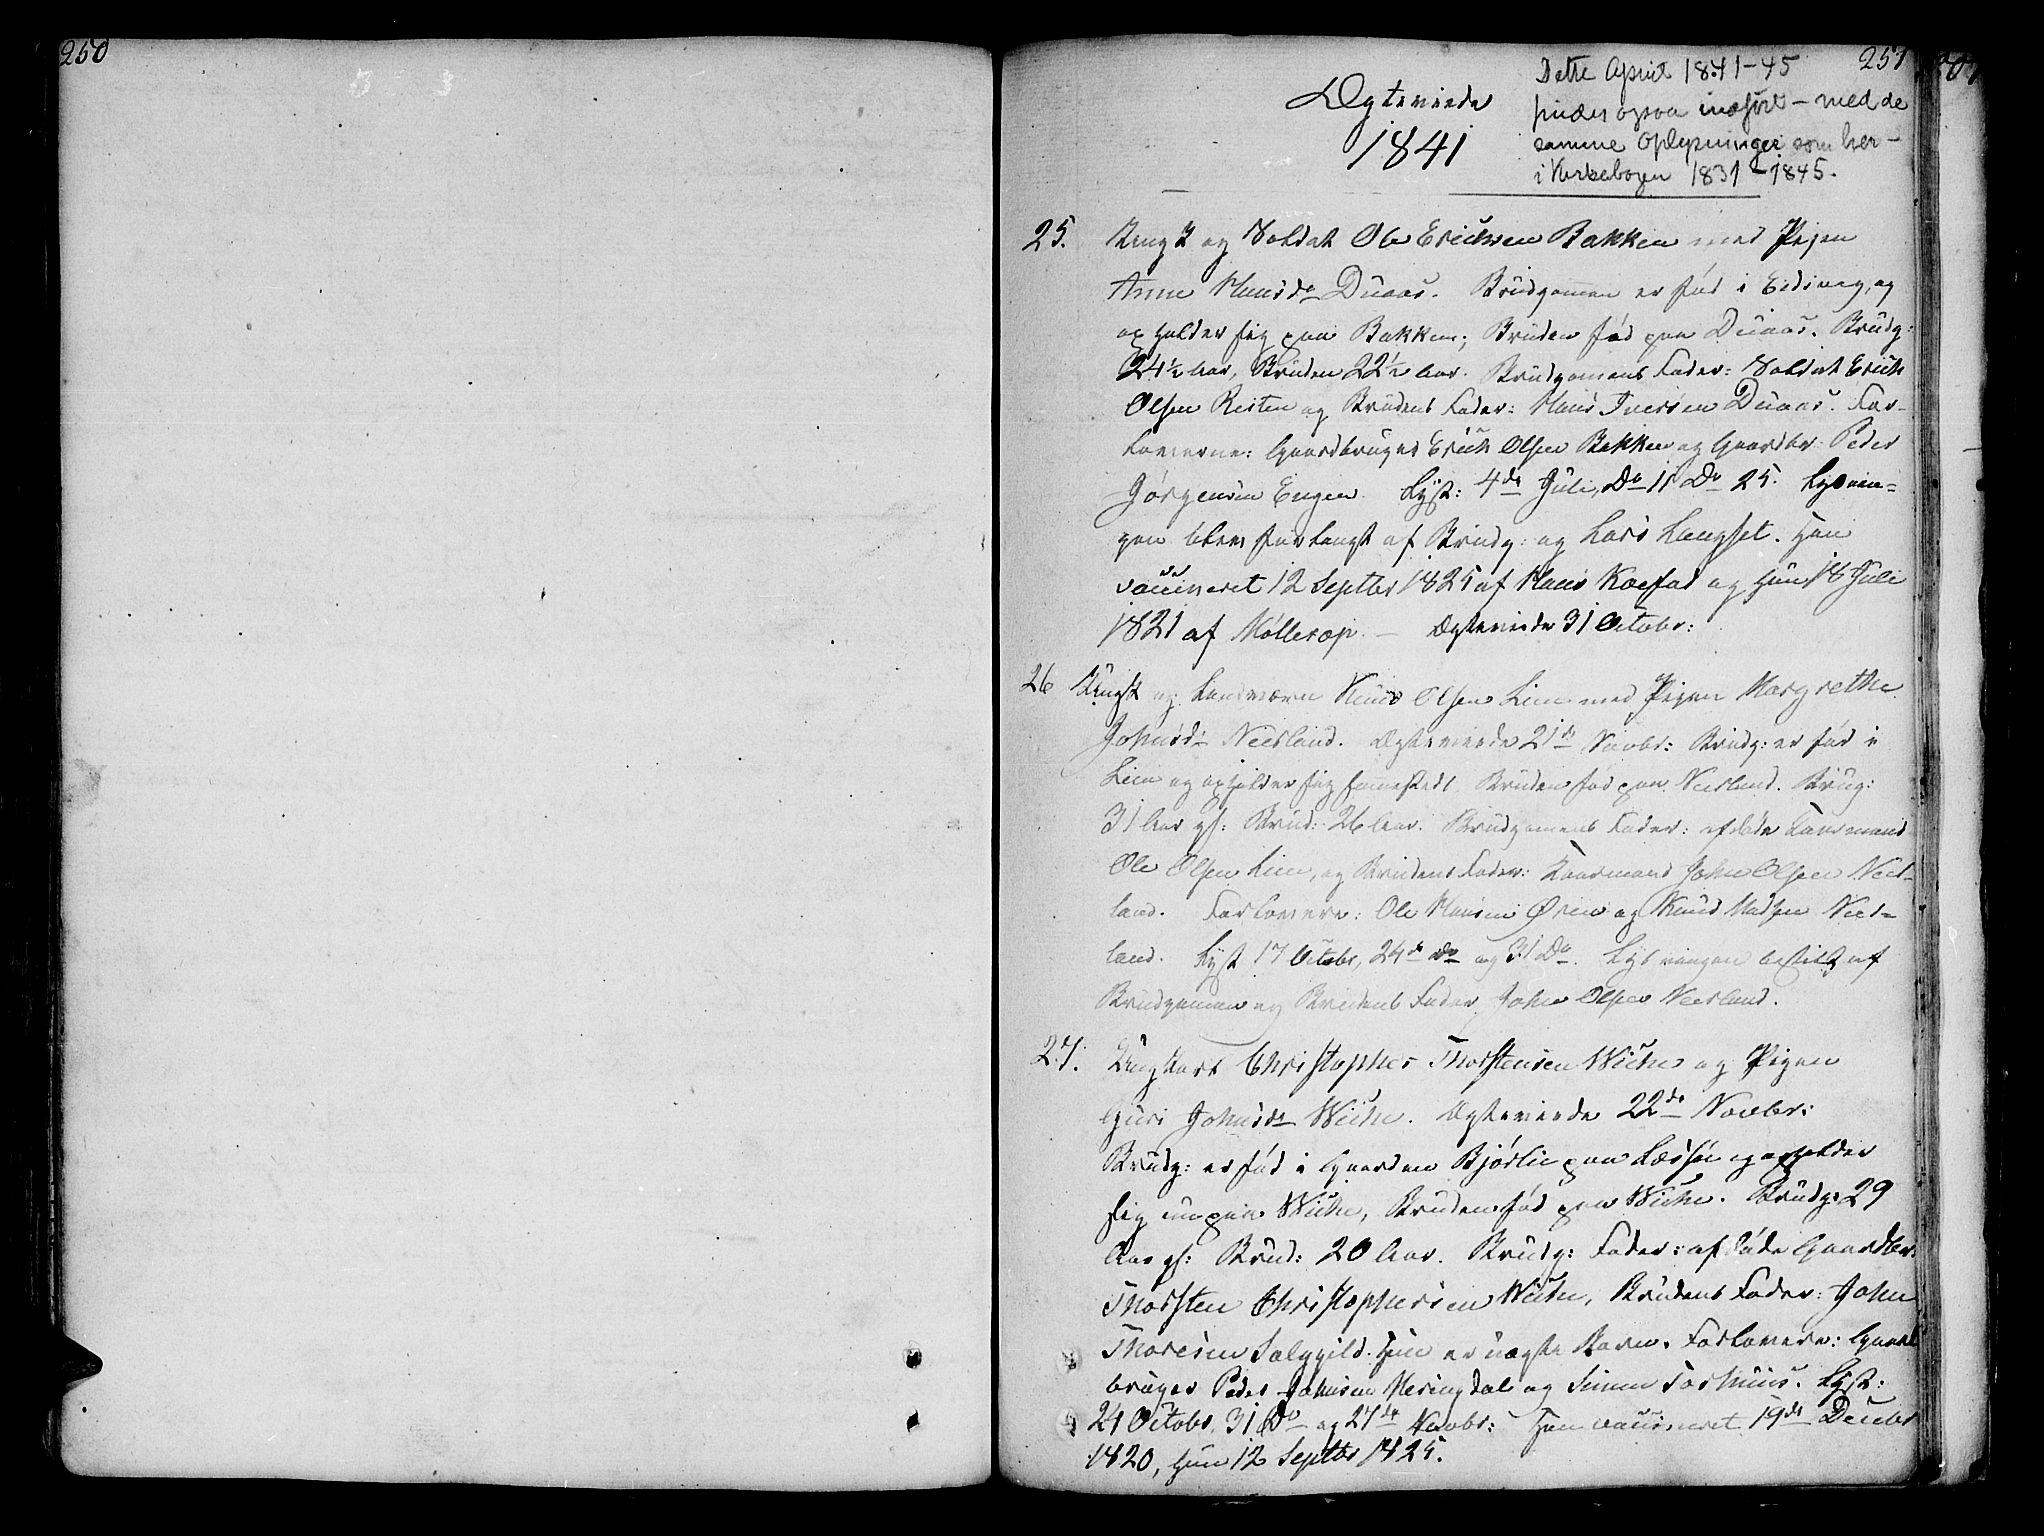 SAT, Ministerialprotokoller, klokkerbøker og fødselsregistre - Møre og Romsdal, 551/L0622: Ministerialbok nr. 551A02, 1804-1845, s. 250-251